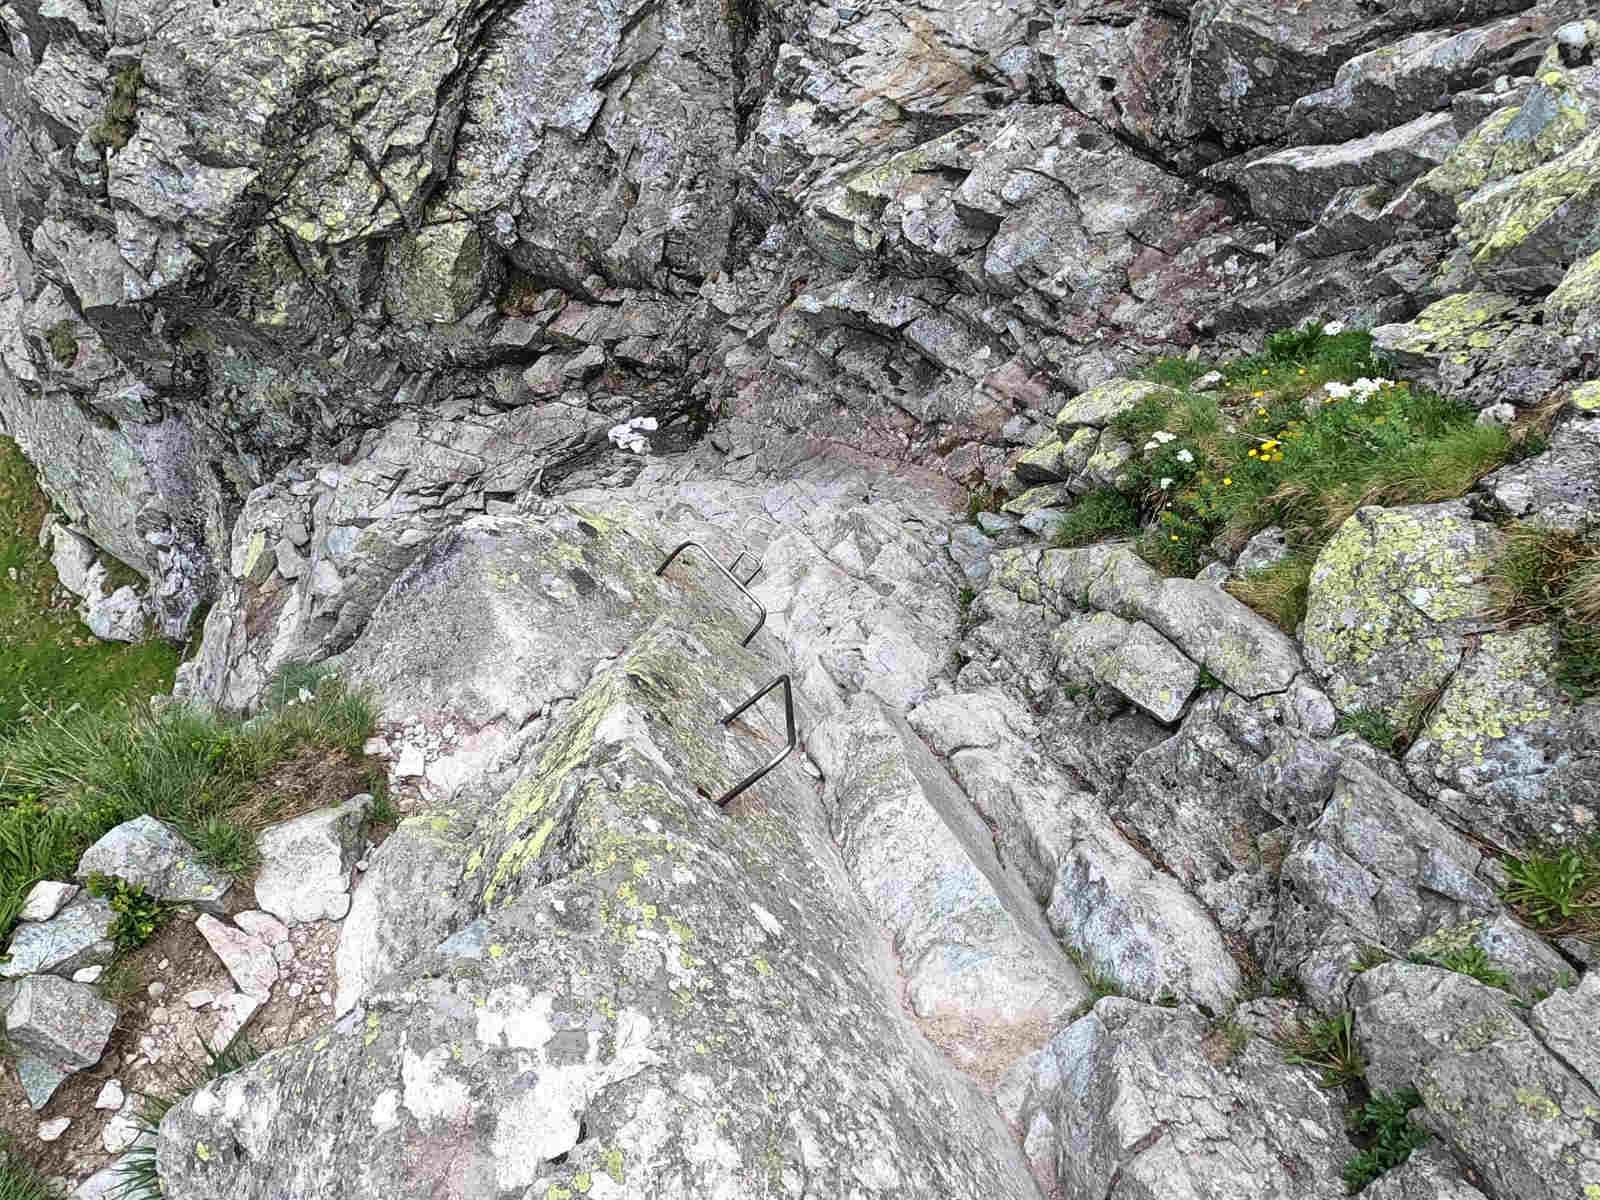 Szlak na Przełęcz pod Chłopkiem, trudności